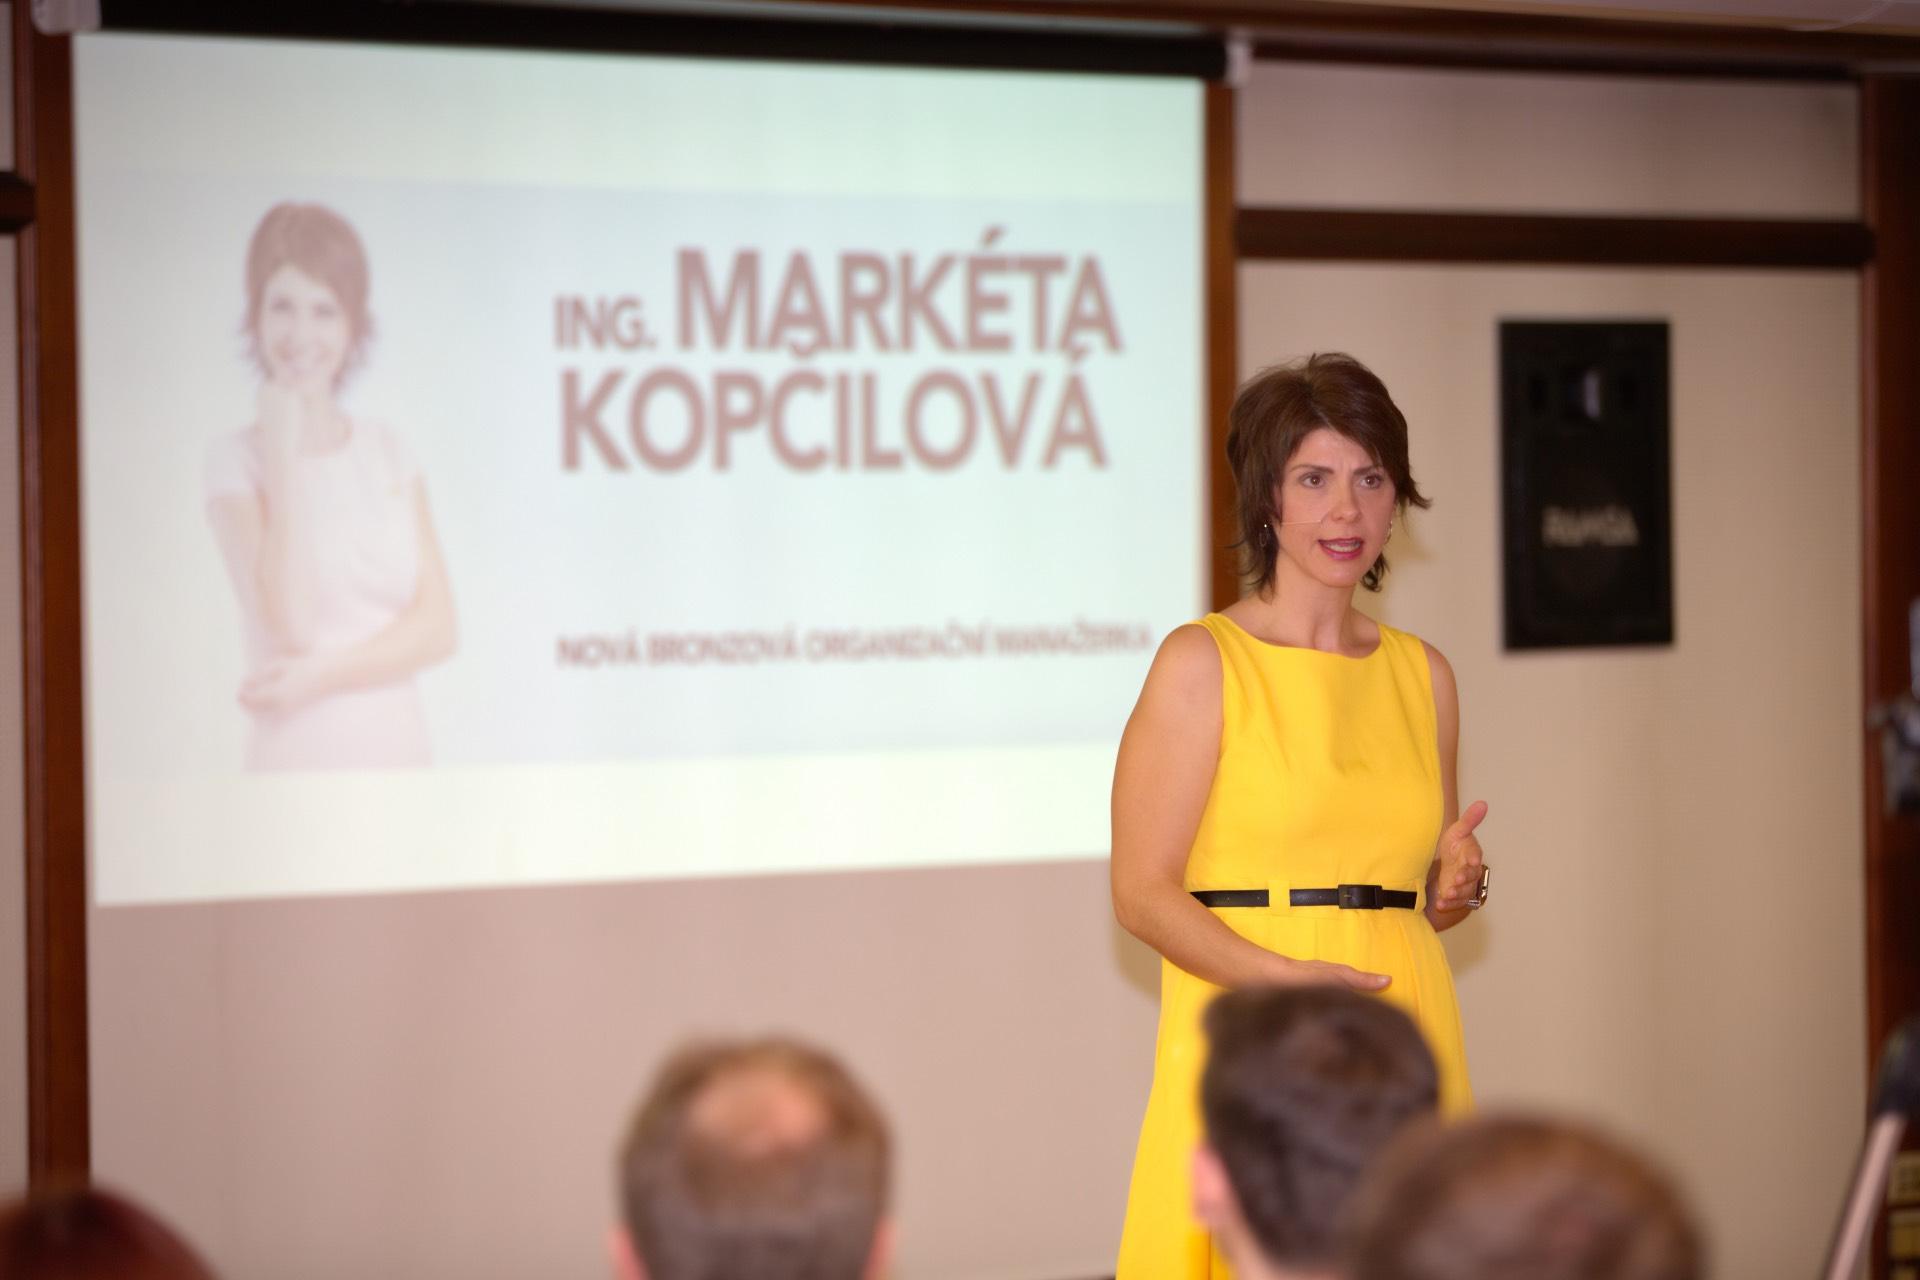 Markéta Kopčilová